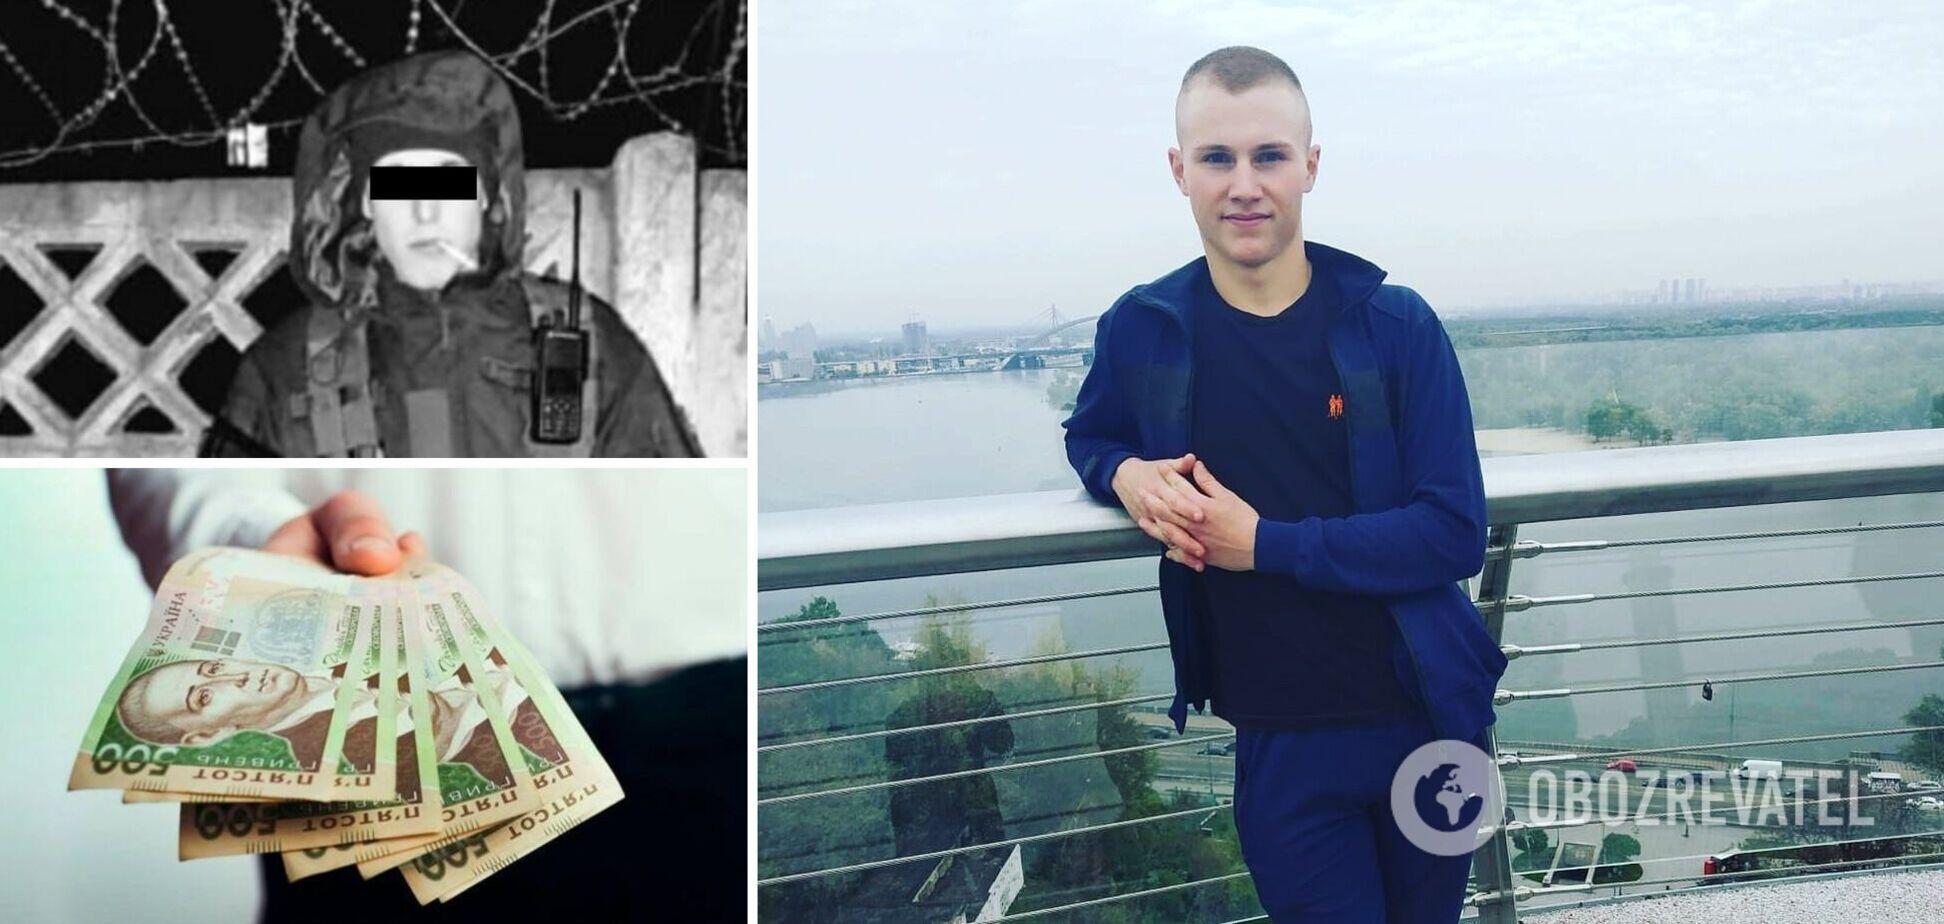 На Кировоградщине 20-летний парень застрелился после возвращения из армии: новые подробности трагедии